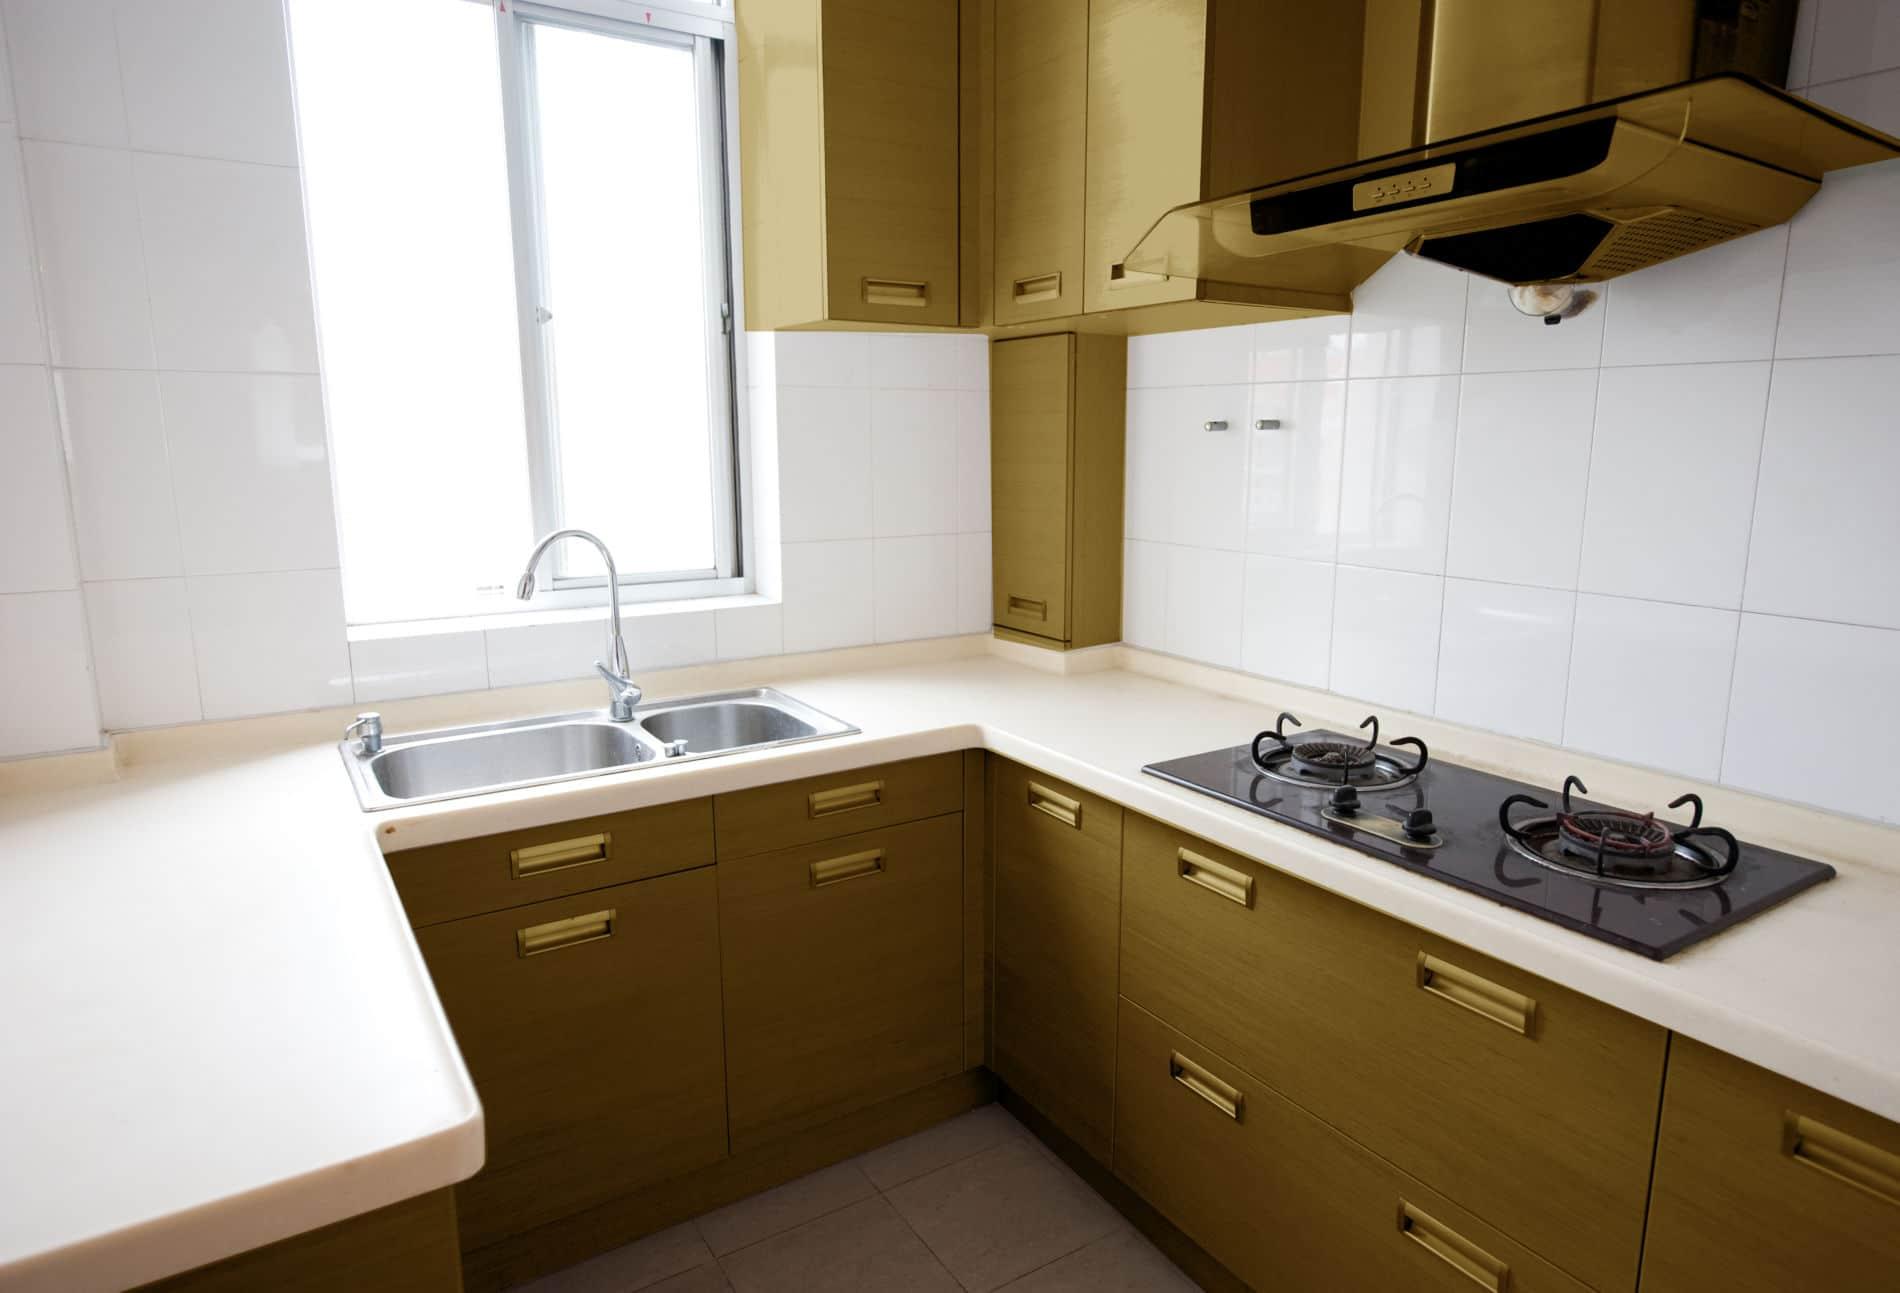 מטבחים מעץ חברות לעיצוב וייצור שיש למטבחים מנוסים עם ניסיון רב בשנים שיודעים לספק פתרונות מגוונים לכל בית תוך כדי תחזוקת מטבחים